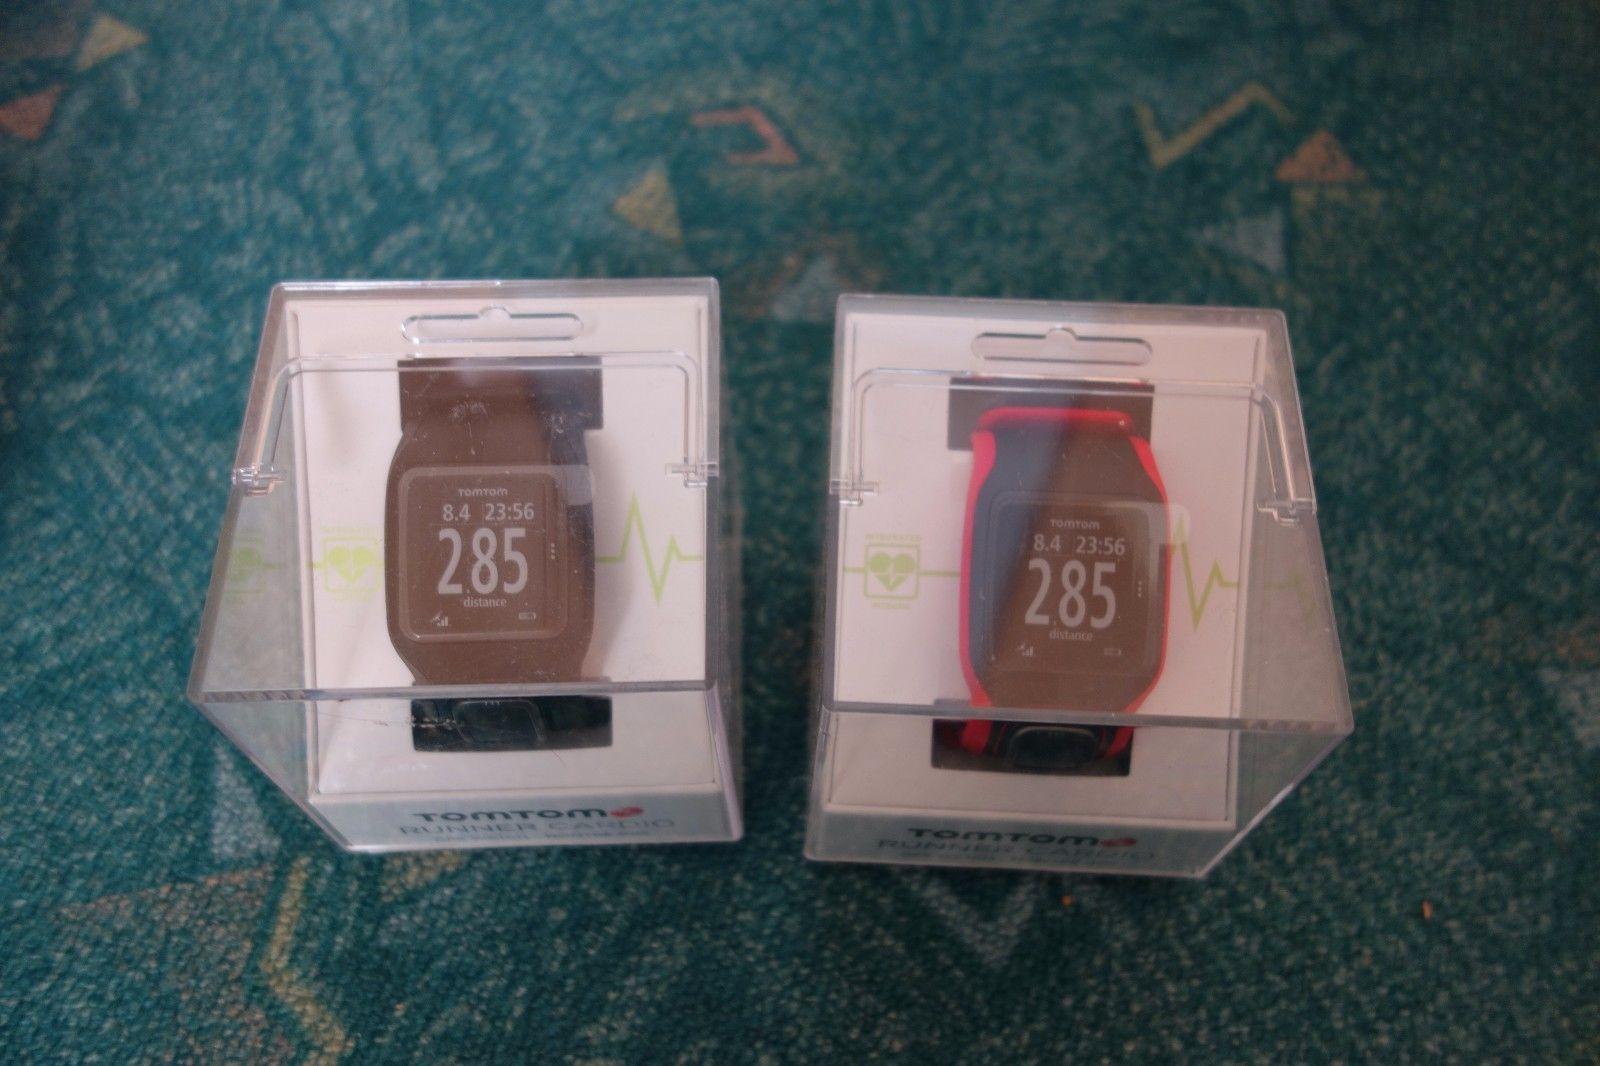 2 x TomTom Runner Cardio GPS-Sportuhr in schwarz/rot und schwarz